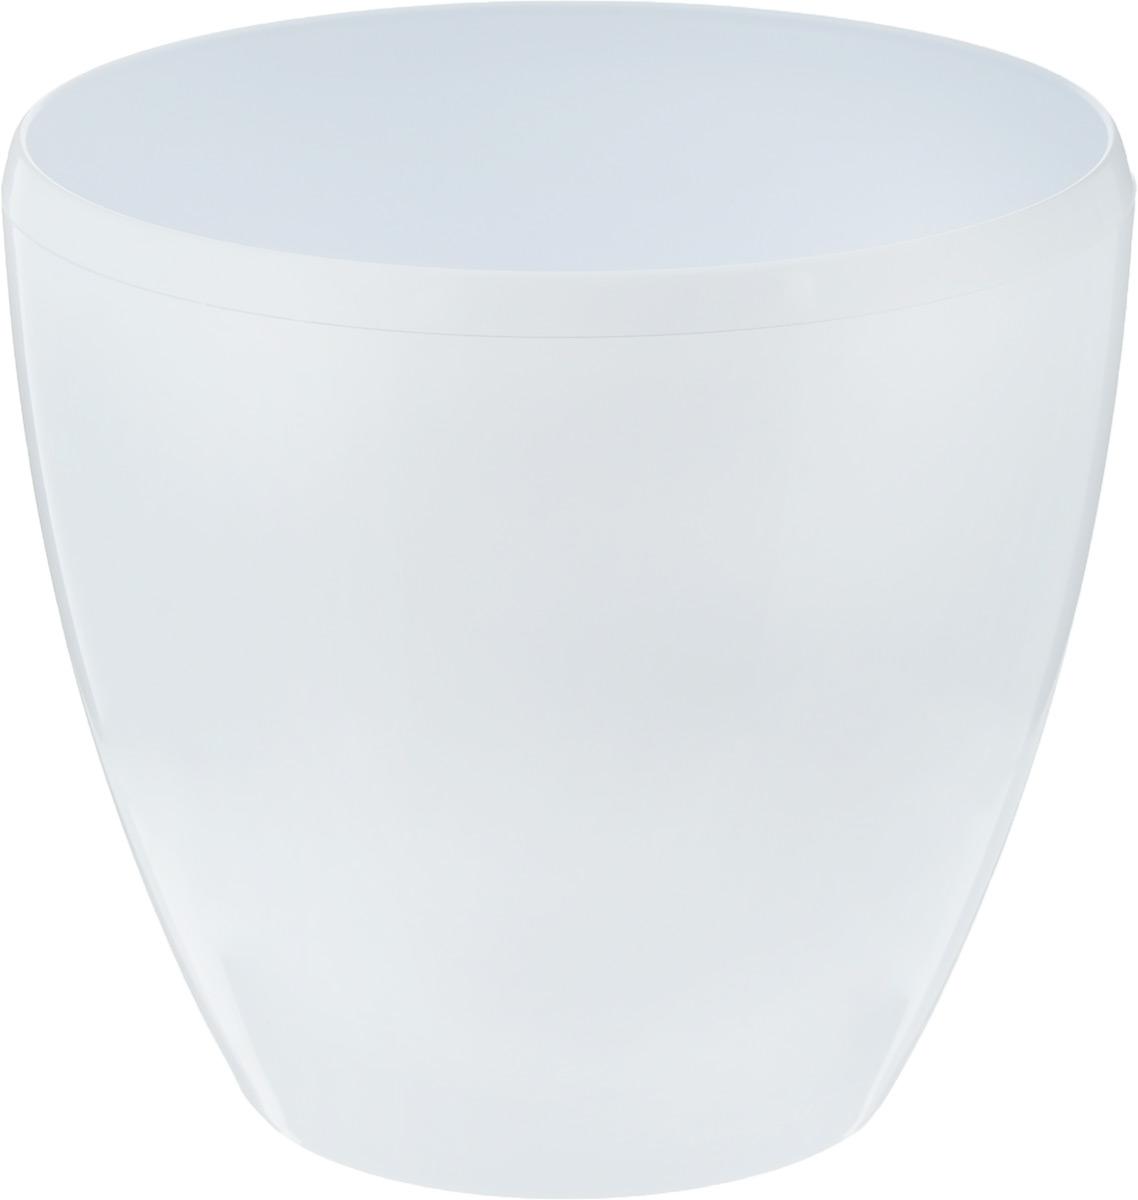 Горшок цветочный Santino Deco Twin, с системой автополива, цвет: белый, 4 лZ-0307Горшок цветочный Santino Decotwin изготовлен из прочного пластика. Изделие предназначено для выращивания цветов и других растений в домашних условиях. Горшок снабжен системой автополива, которая гарантирует здоровье ваших цветов. Автополив значительно экономит время, так как не нужно изо дня в день поливать цветы. Кроме того, цветы всегда будут обеспечены влагой, если вы забыли их полить. Благодаря тому, что вода не застаивается, корни растут здоровыми. Такой горшок порадует вас изысканным дизайном и функциональностью, а также оригинально украсит интерьер помещения. Диаметр горшка (по верхнему краю): 20 см. Высота горшка: 17,5 см. Объем горшка: 4 л.